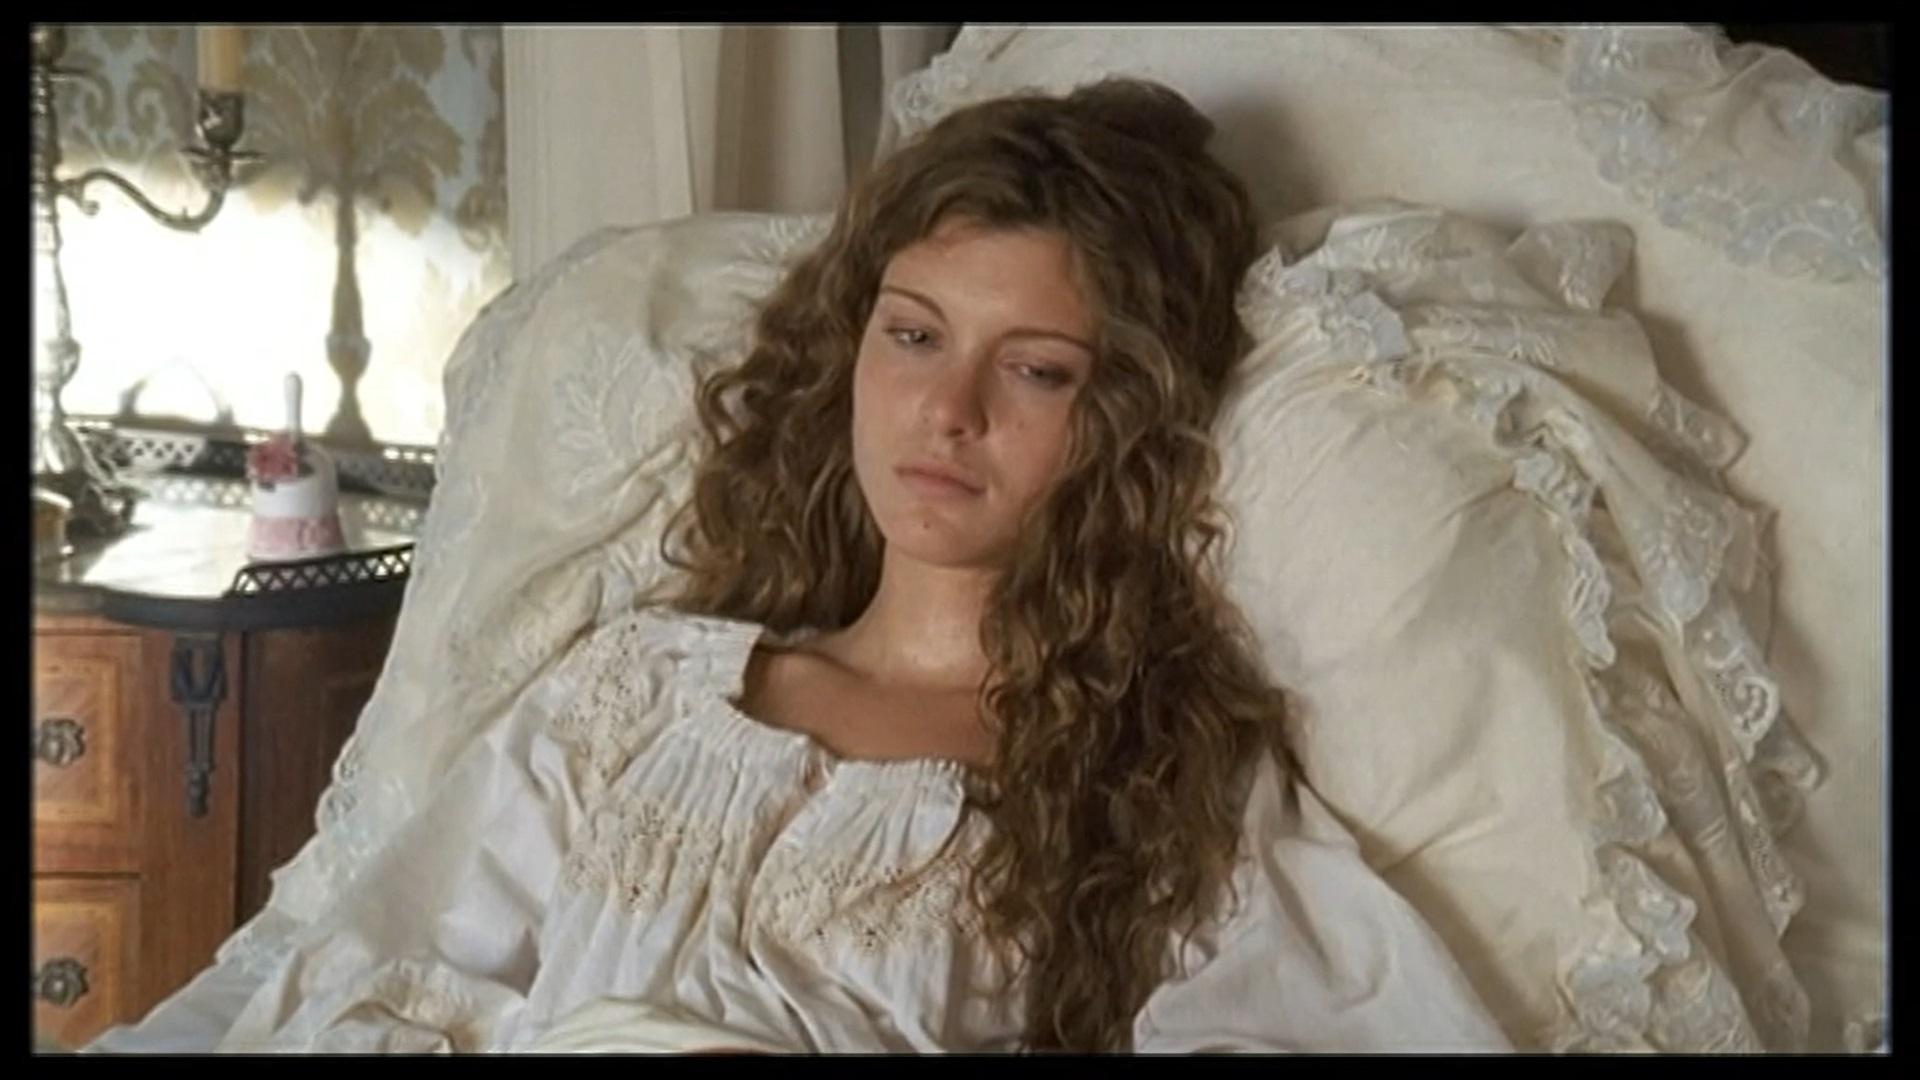 Elisa di Rivombrosa: Parte seconda terza puntata · Elisa e Fabrizio coronano il loro sogno d'amore. Nubi scure si addensano all'orizzonte